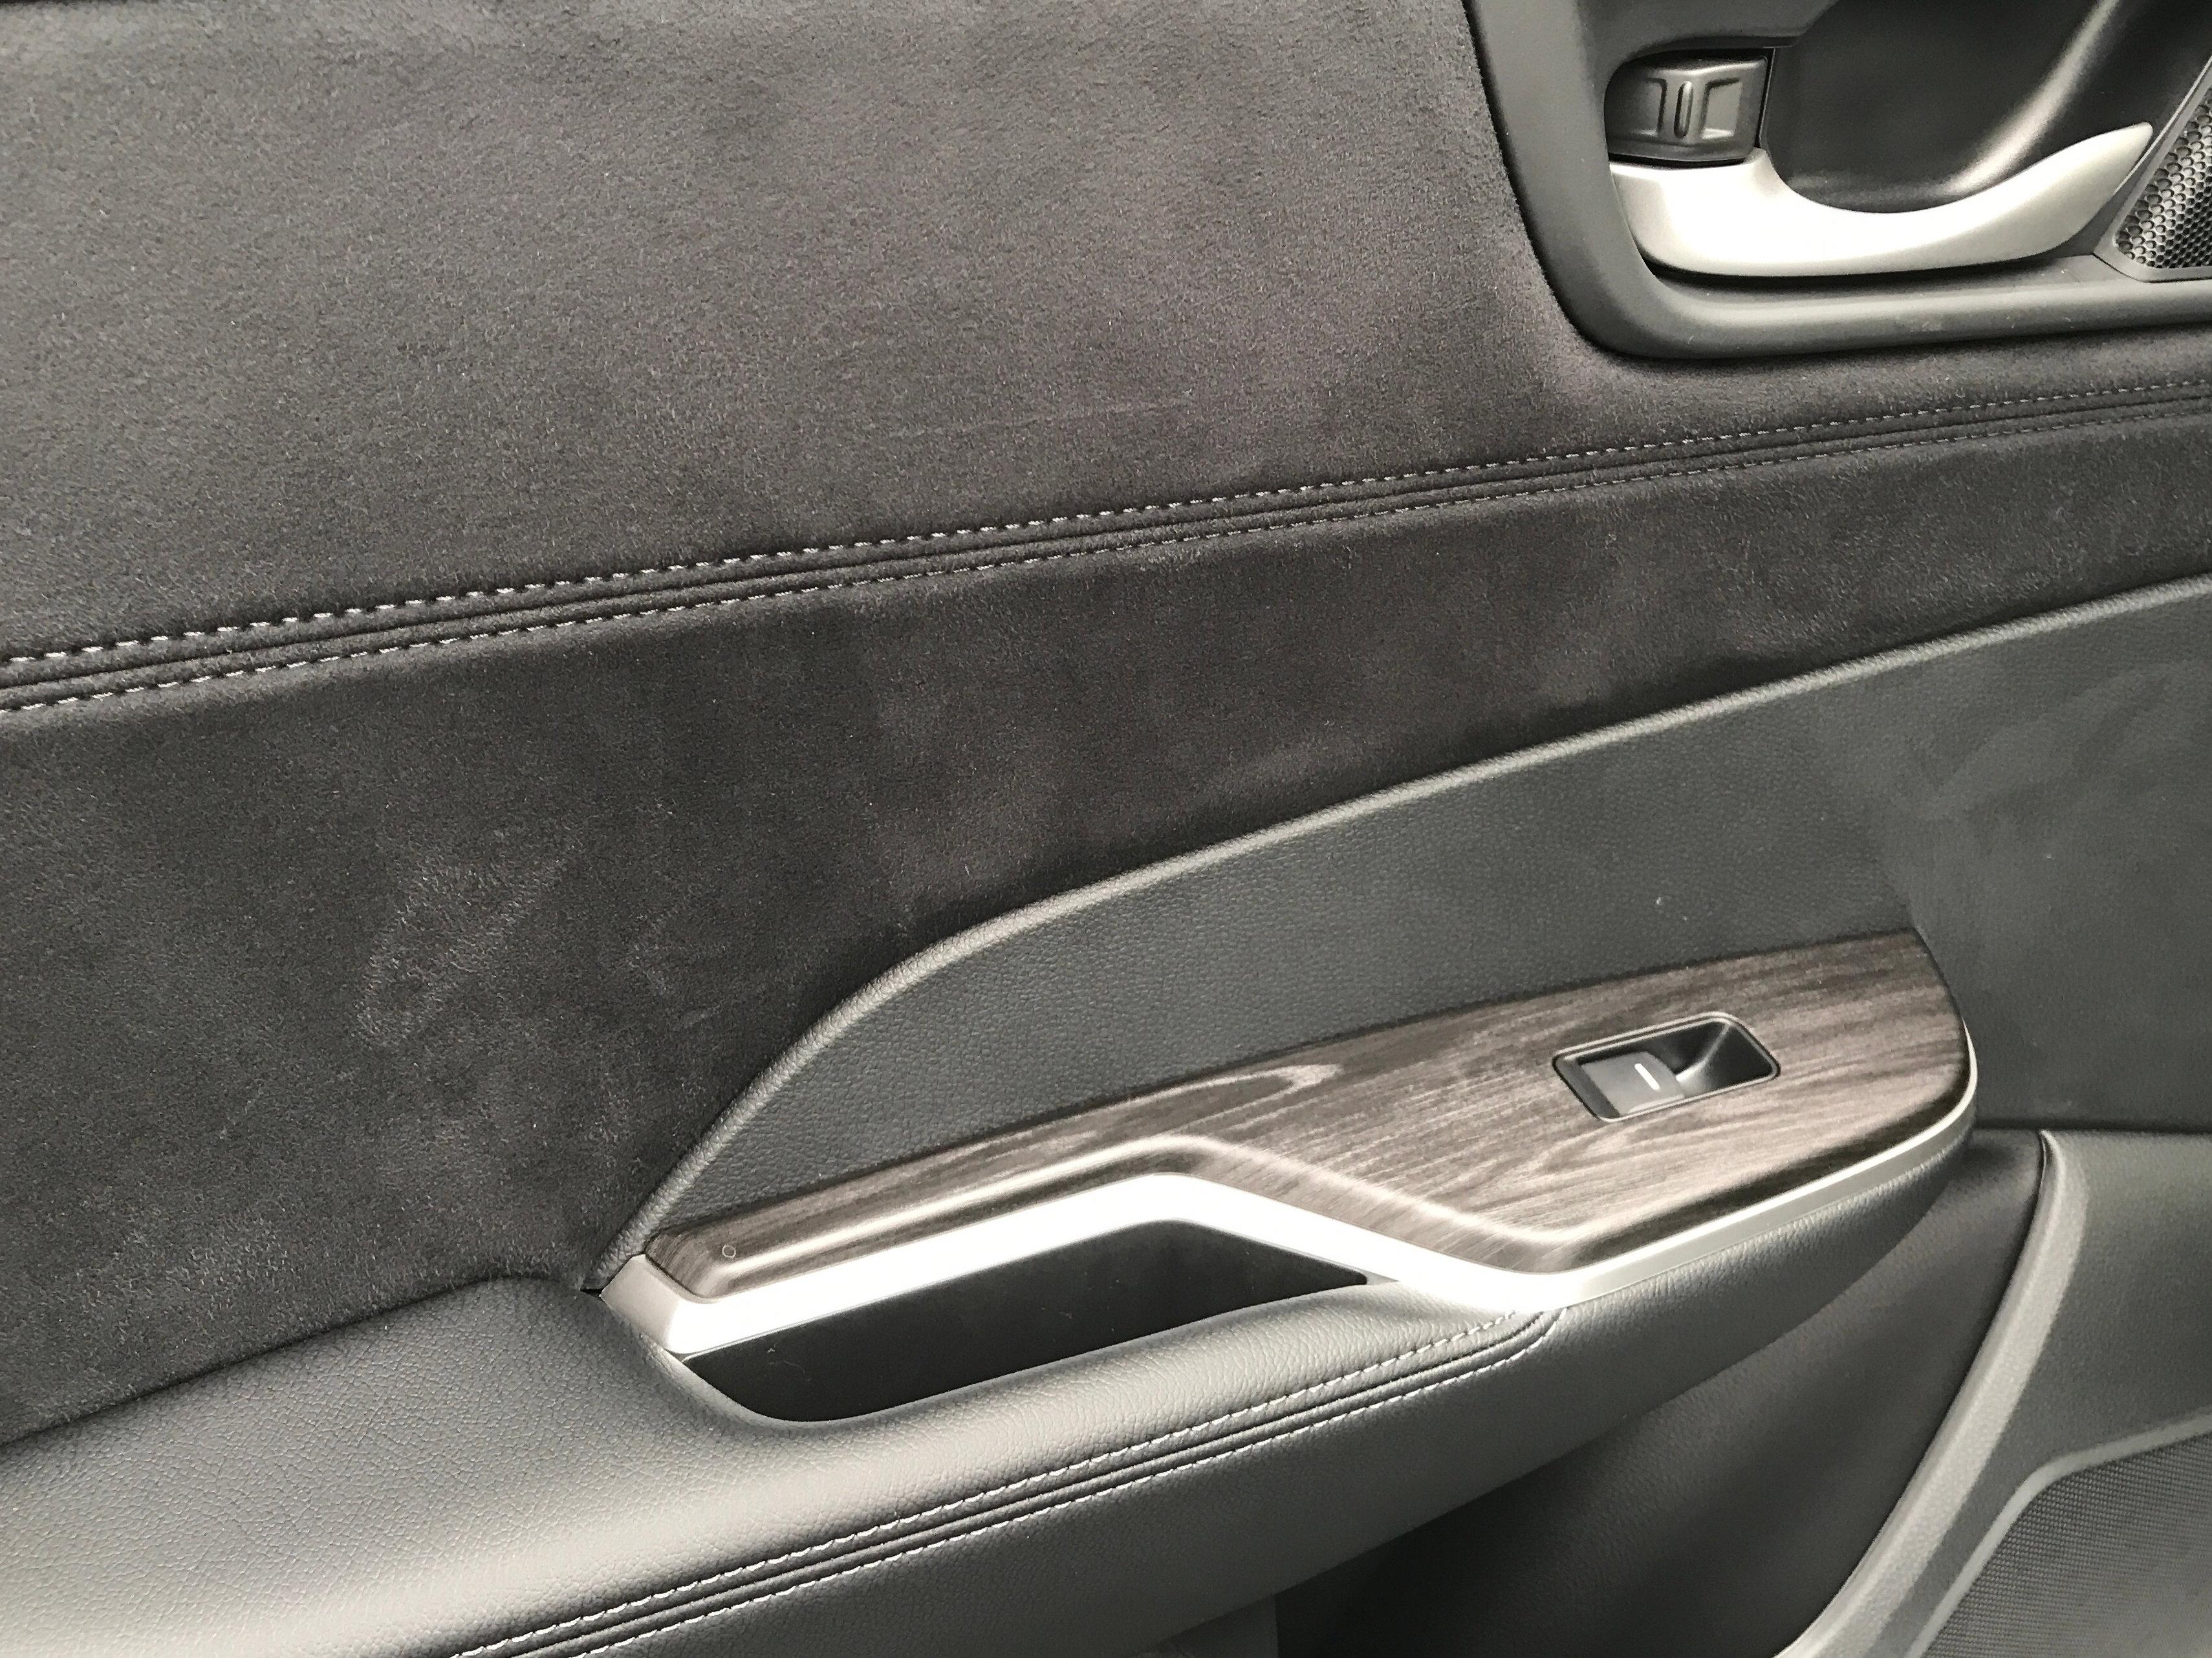 New 2019 Honda Clarity Plug-In Hybrid